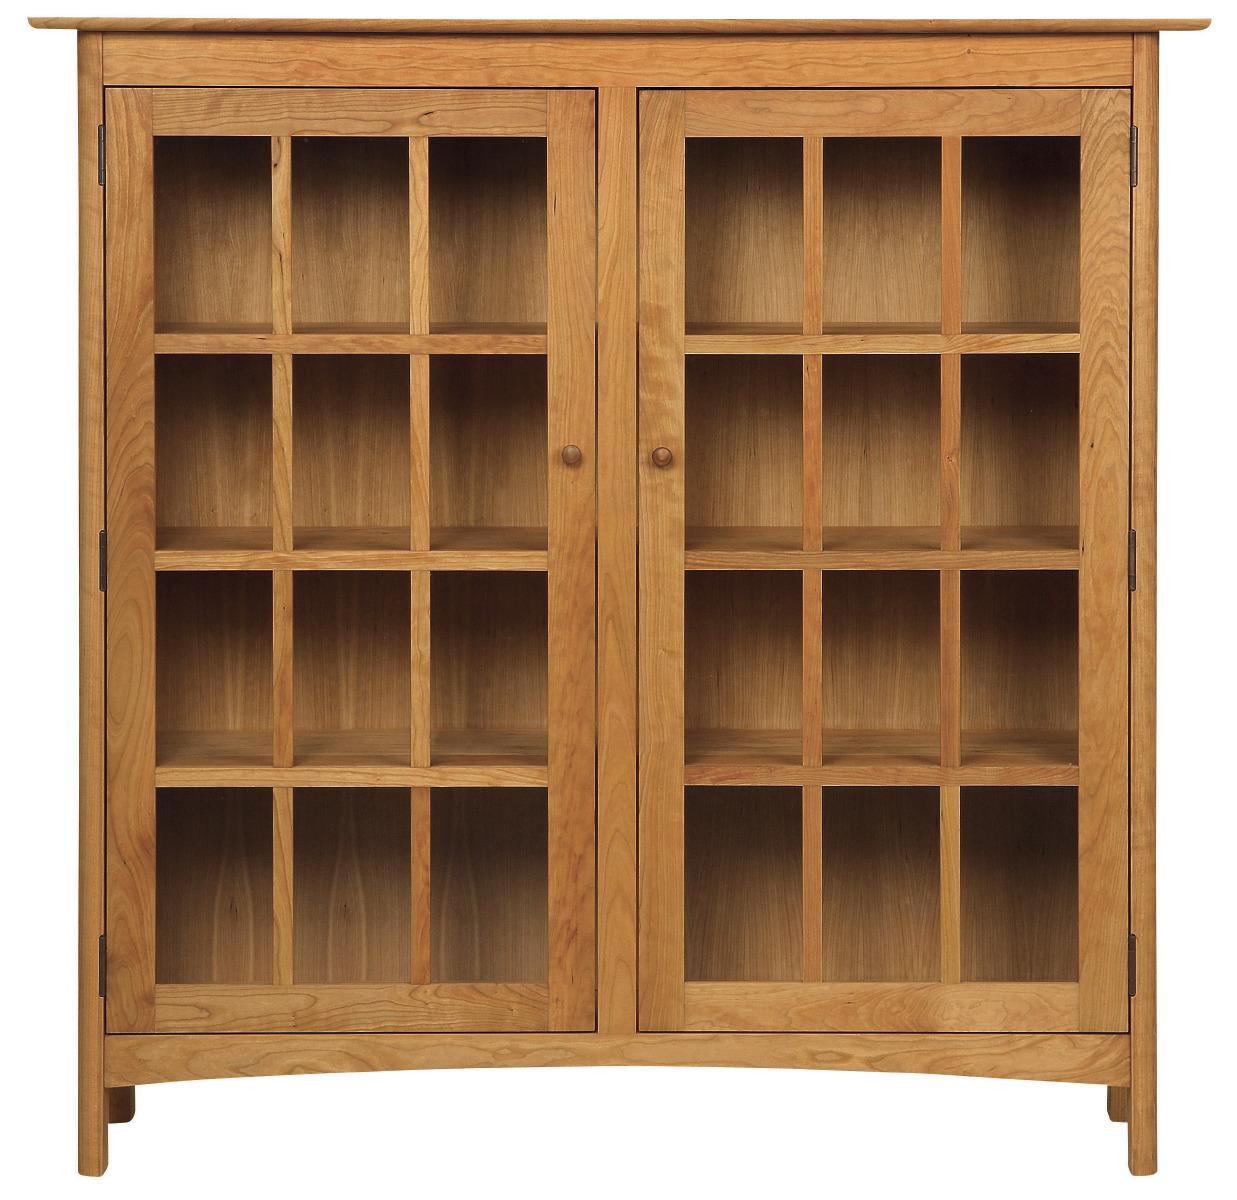 Burlington Wood 2 Door Bookcase W Glass Doors By Vermont Handcrafted Furniture